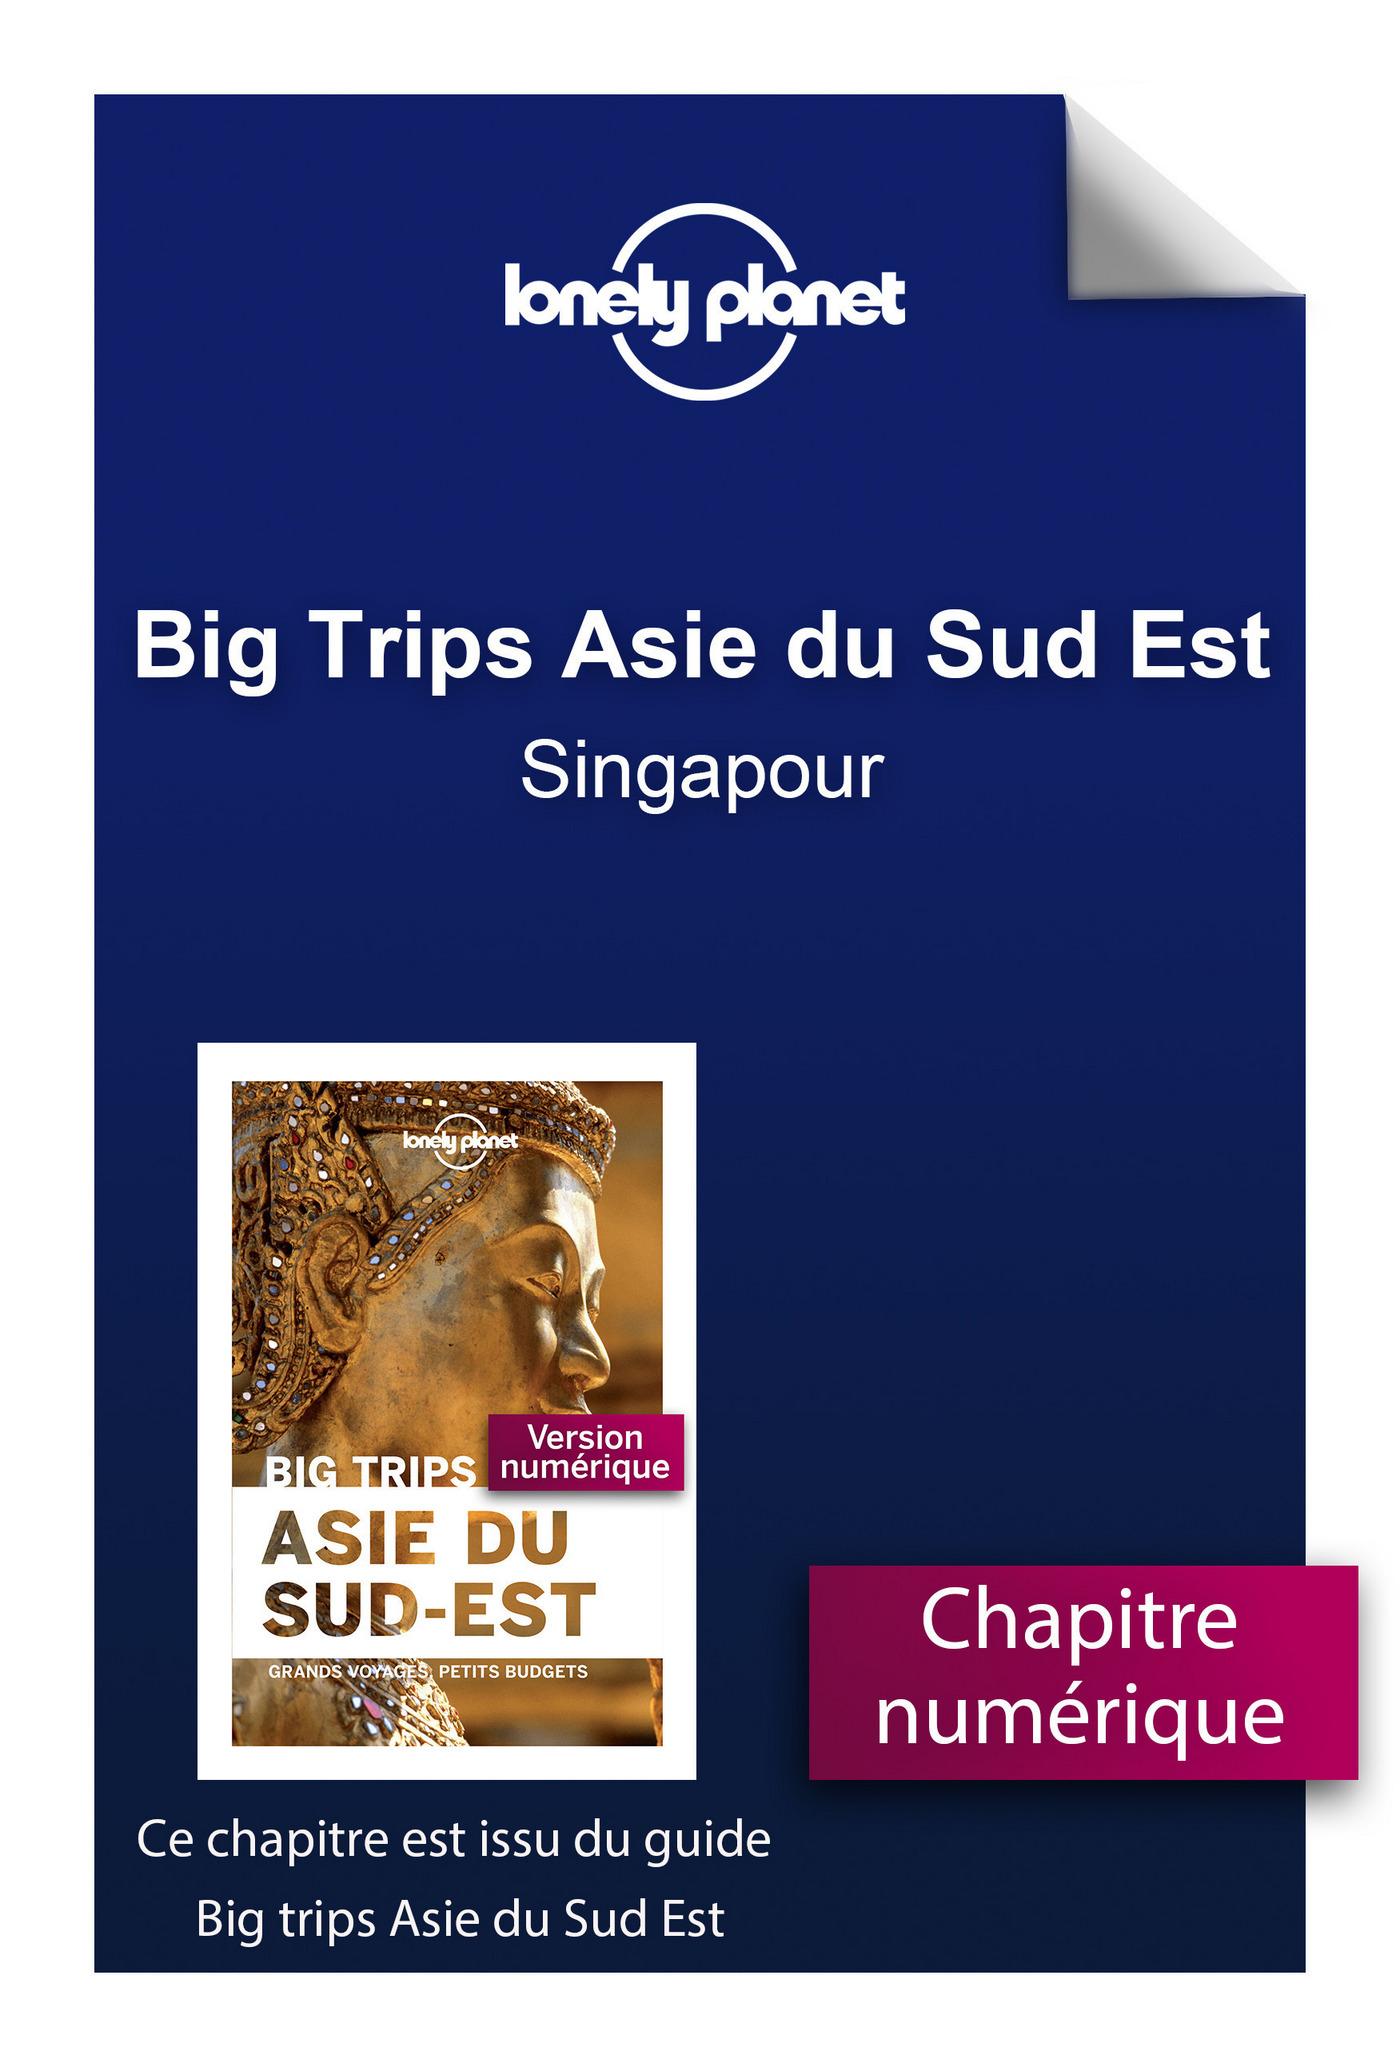 Big Trips Asie du Sud-Est - Singapour